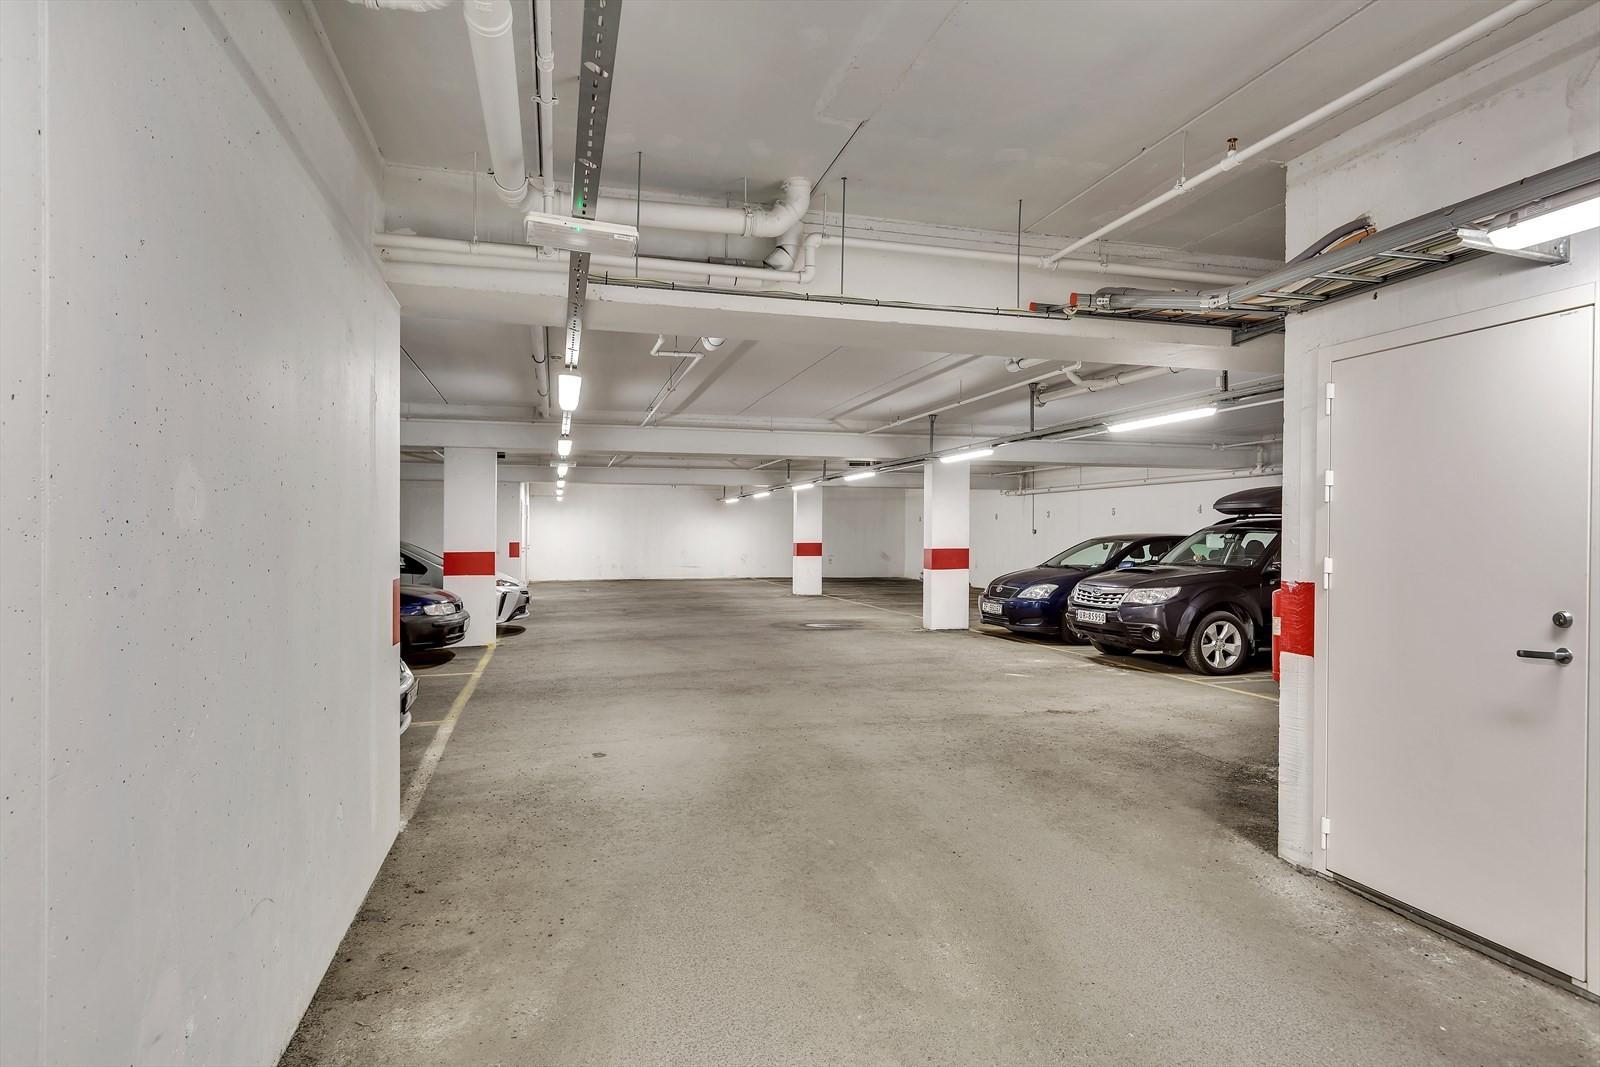 Leiligheten har tilhørende fast biloppstillingsplass i felles garasjeanlegg